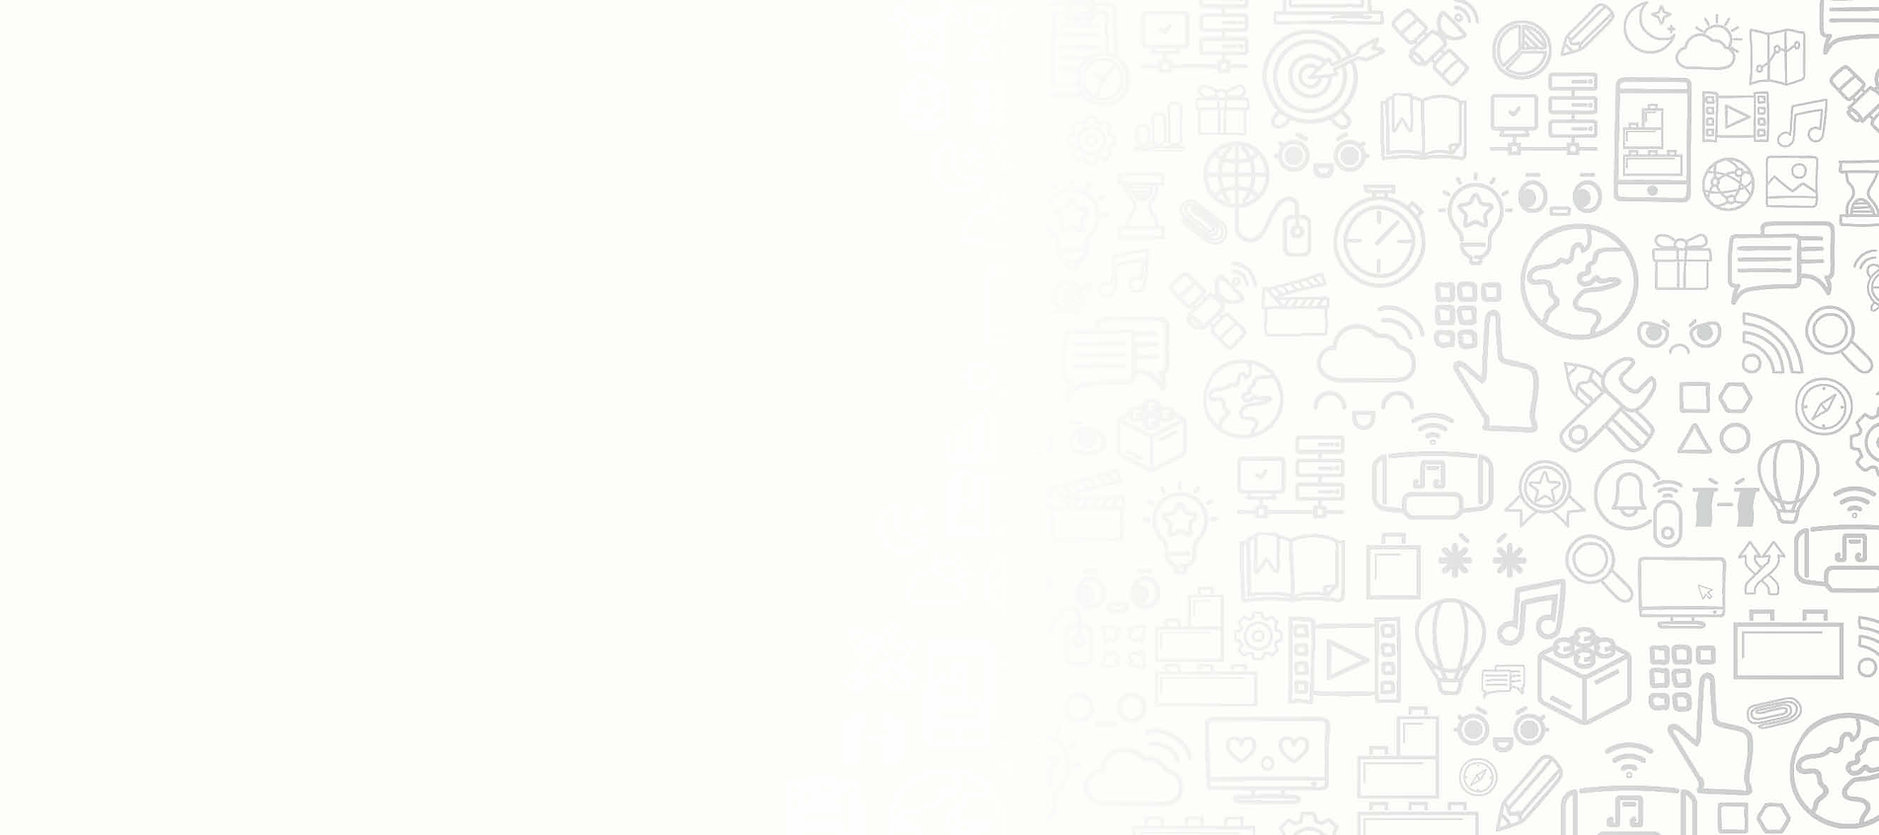 큐브로이드-아티보 웹브로(배경)6.jpg